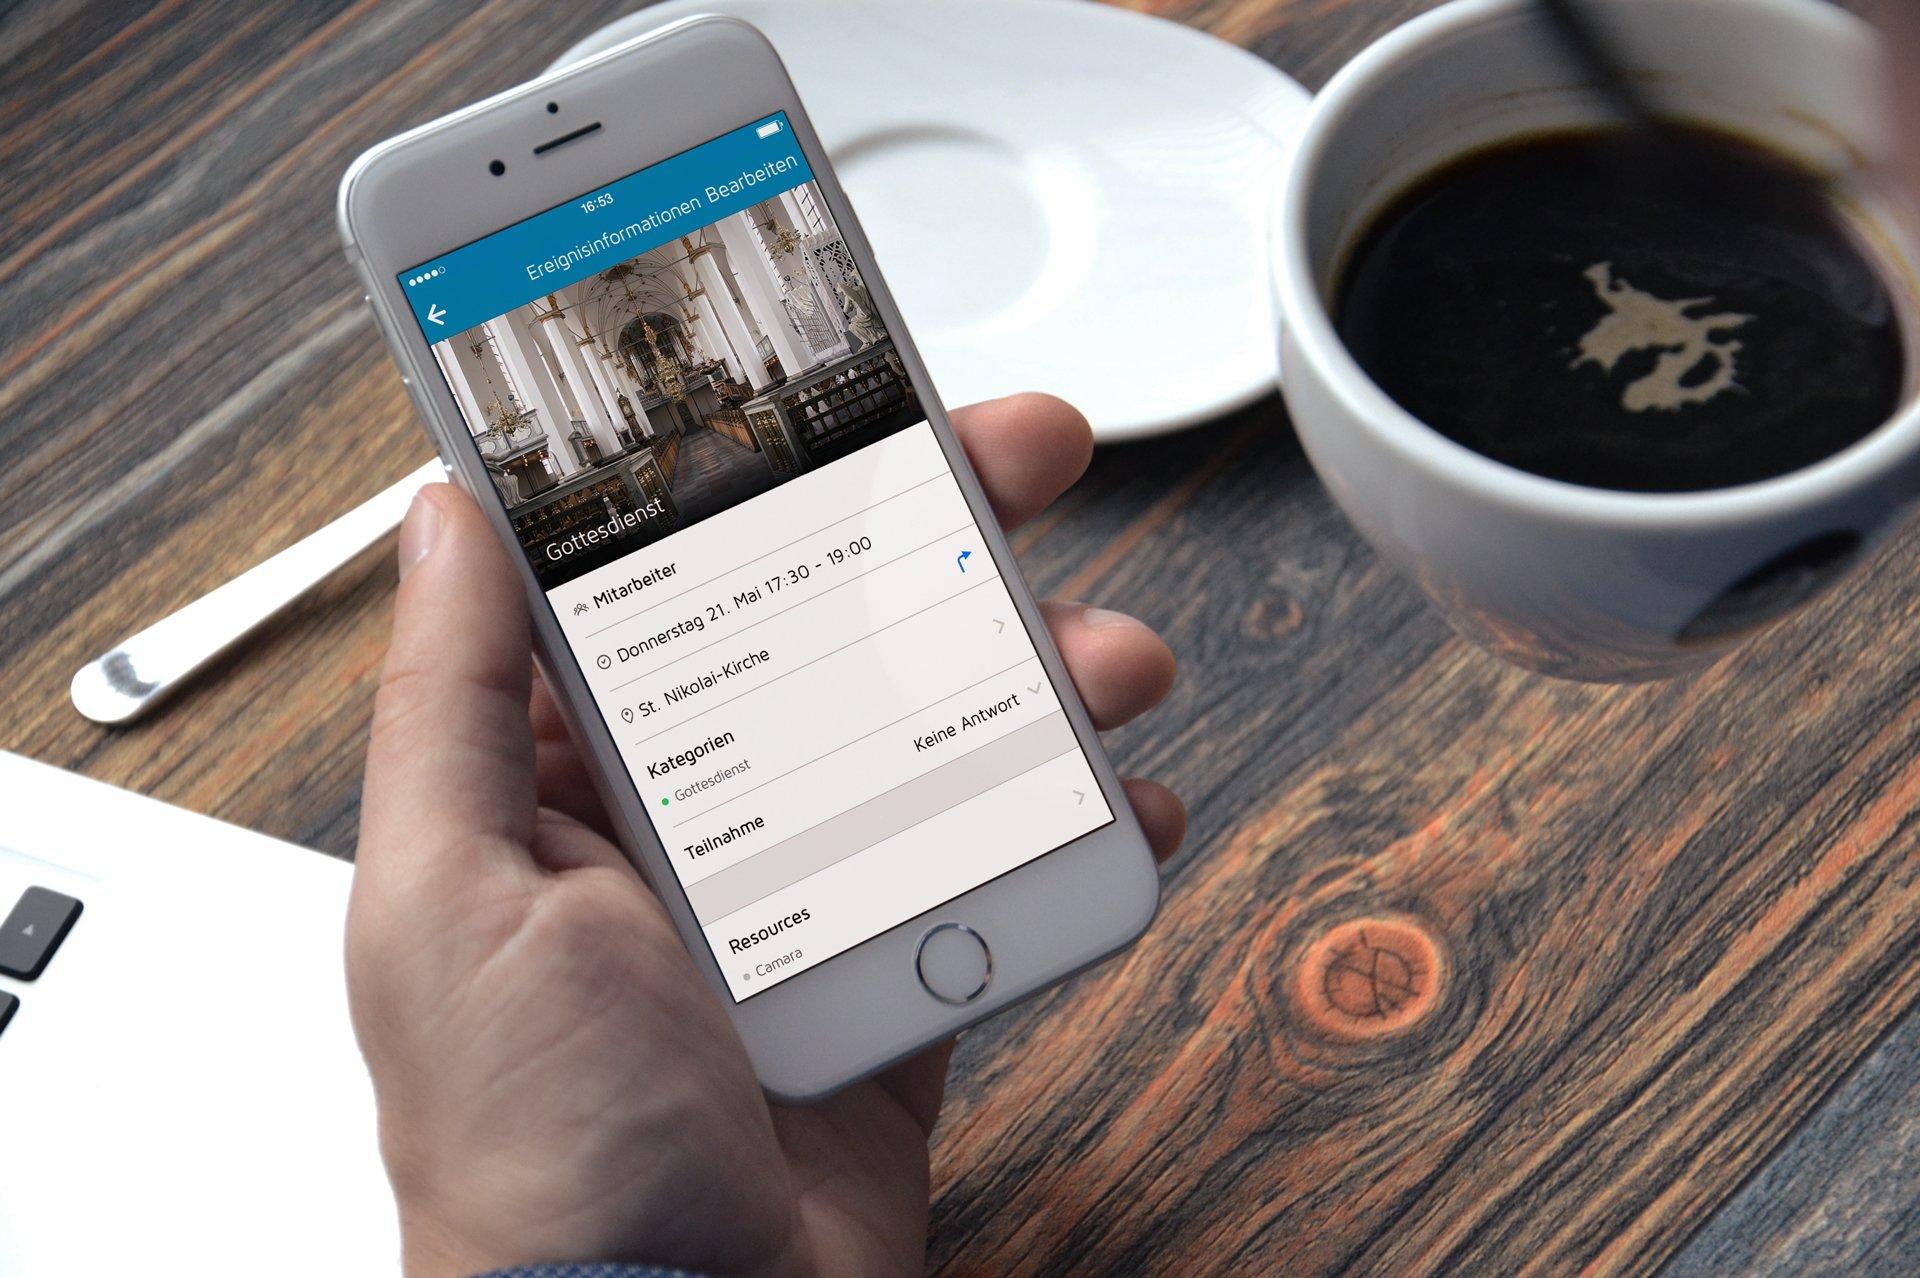 DE-iphone6-Mit der brandneuen ChurchDesk App haben wir bekannte Probleme beseitigt und einige großartige neue Funktionen hinzugefügt.